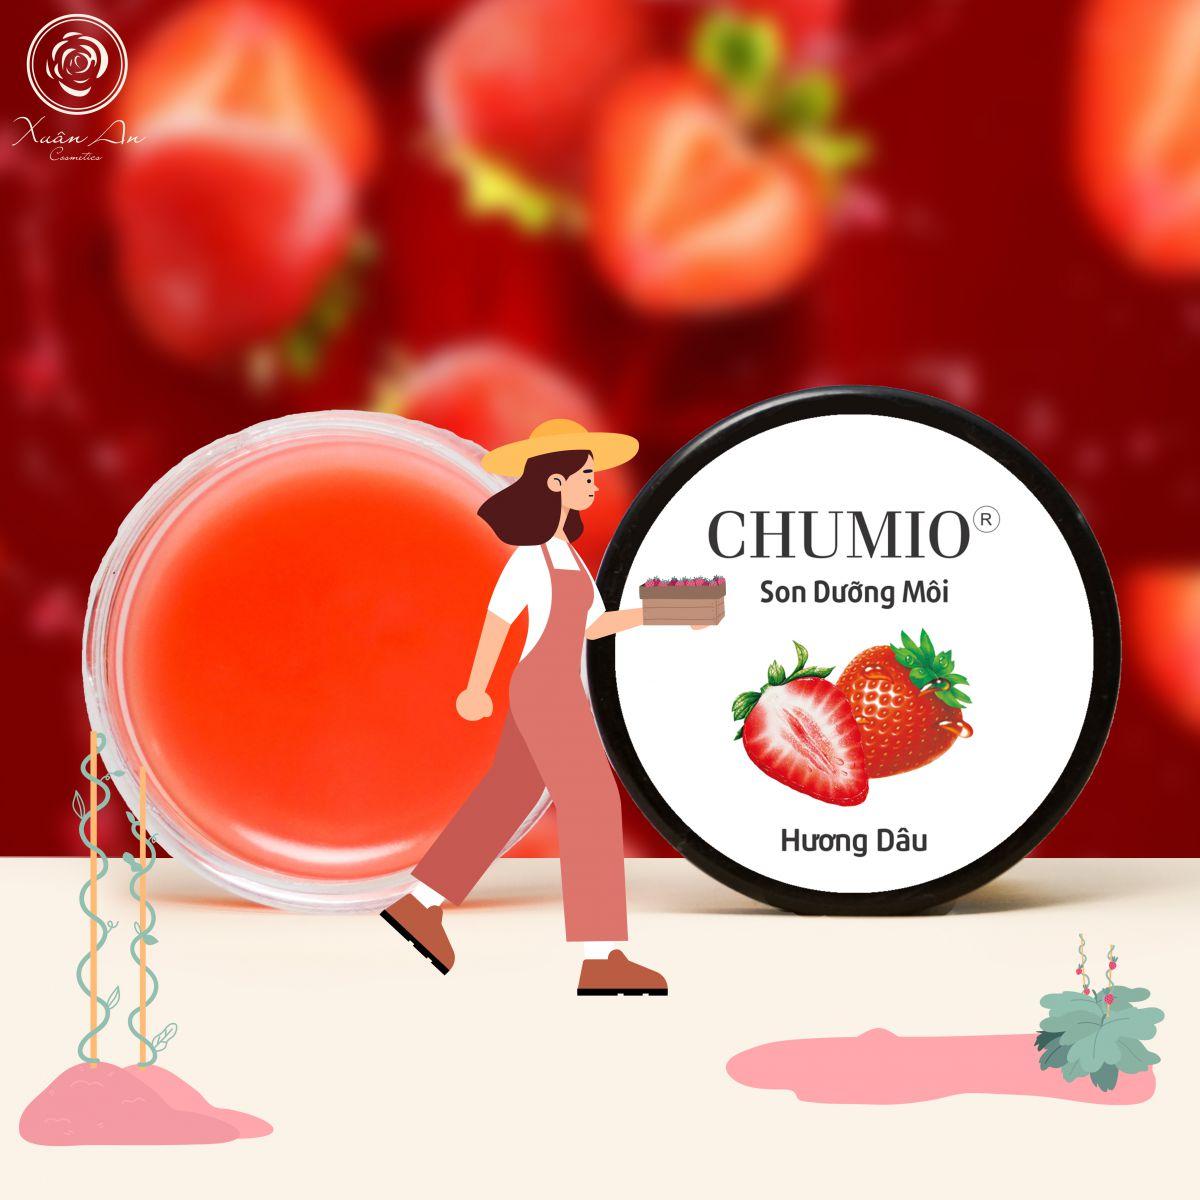 Combo dưỡng môi Chumio